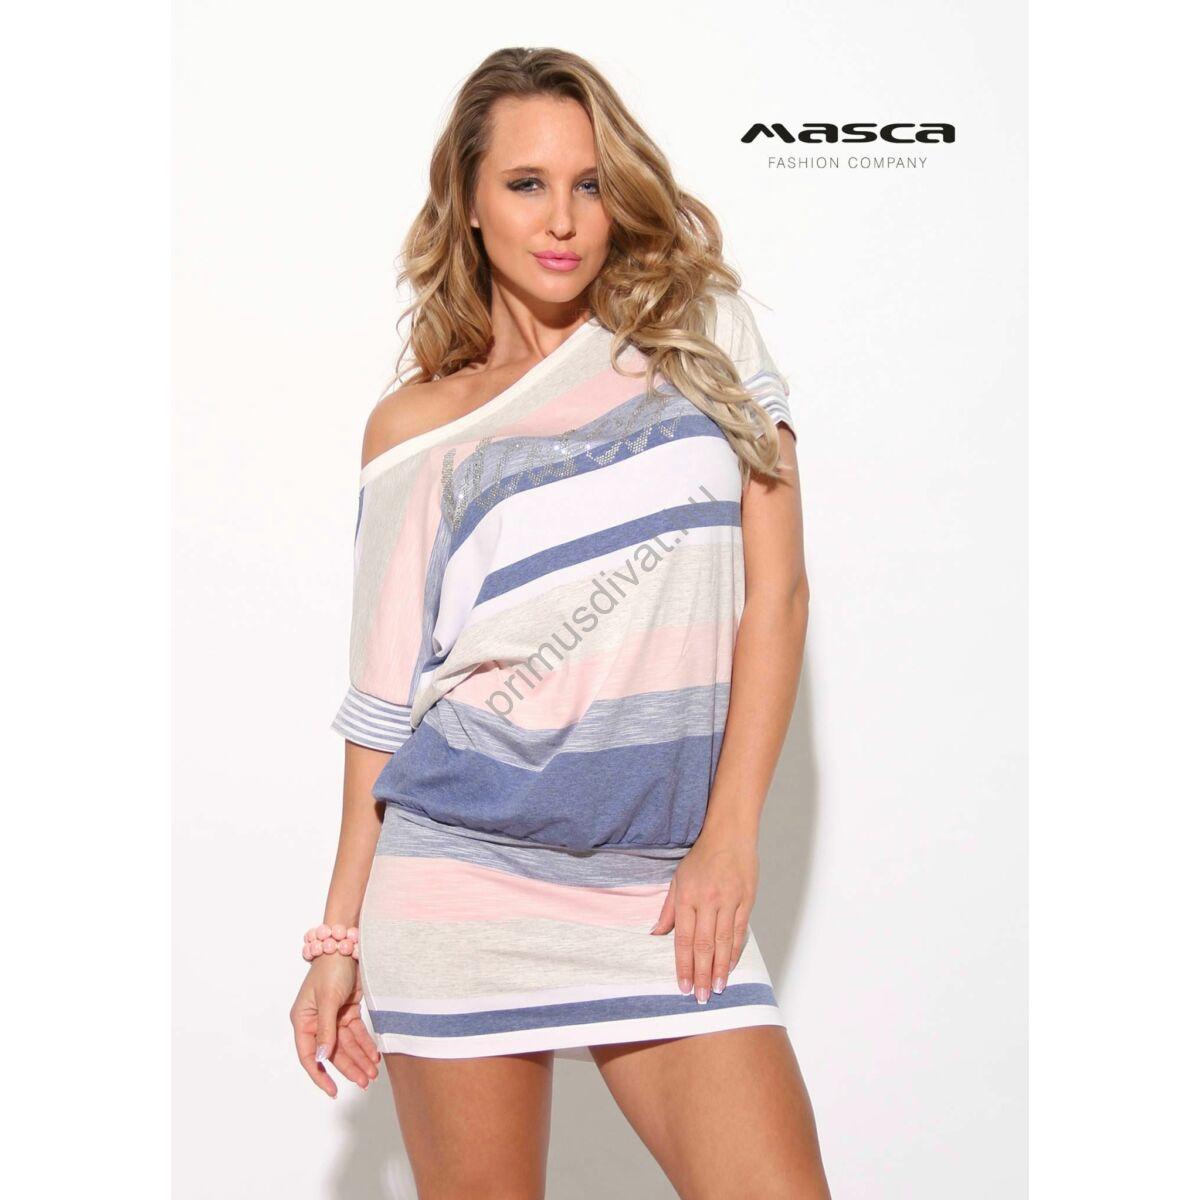 668282aafb Kép 1/1 - Masca Fashion csónaknyakú, pasztell csíkos rövid ujjú lezser  tunika, miniruha, strasszköves márkafelirattal